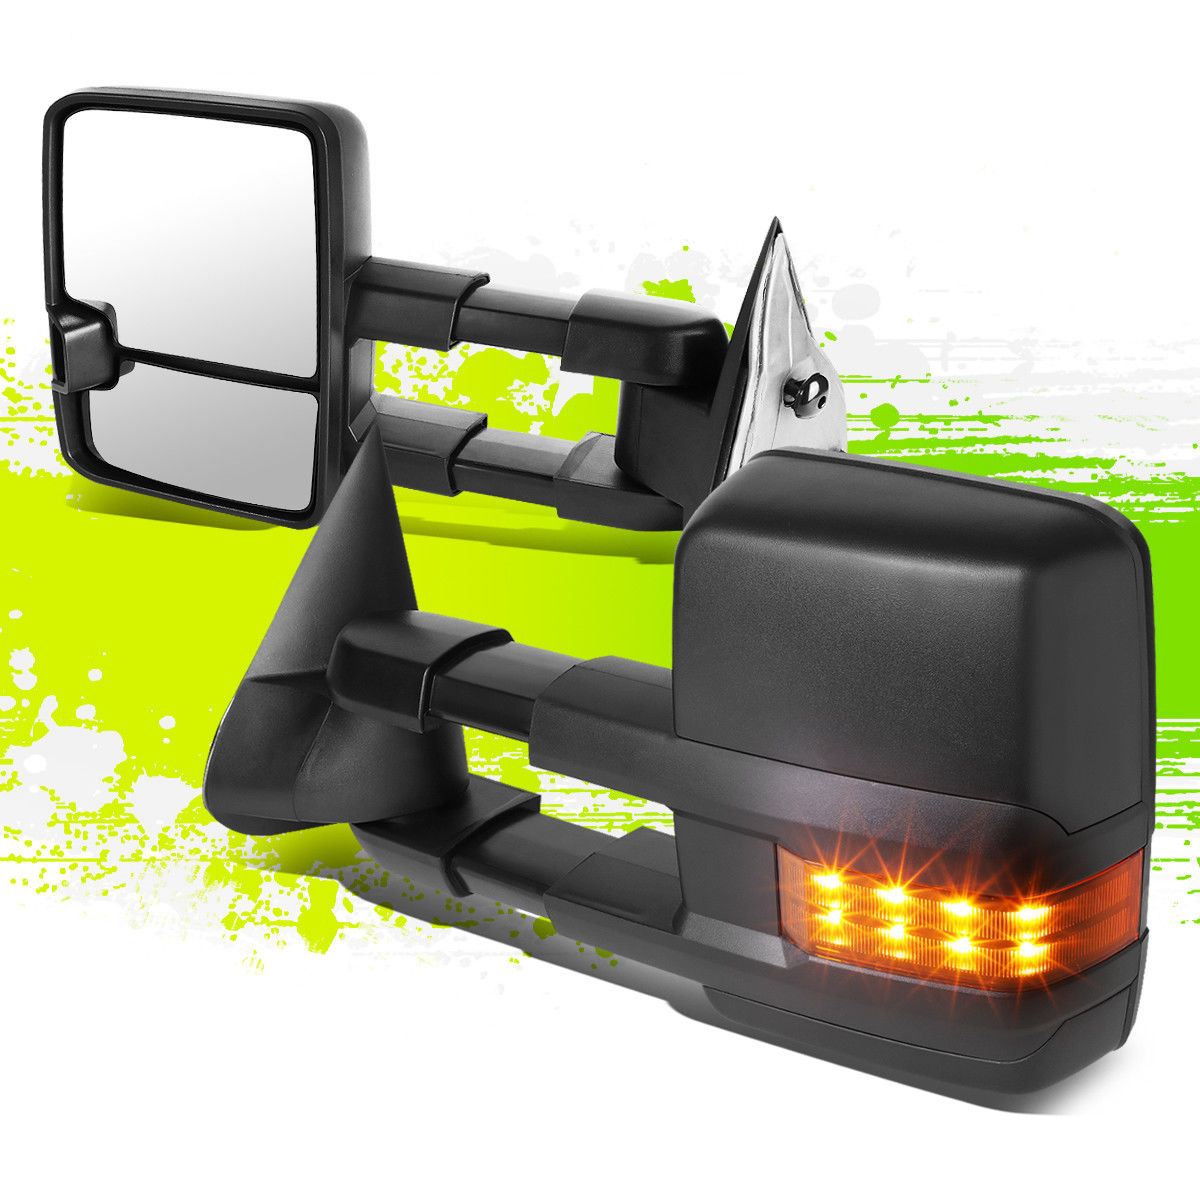 ミラー FOR 03-07 GM GMT800 ADJUSTABLE MANUAL EXTENDABLE+LED SIGNAL TOWING SIDE MIRROR FOR 03-07 GM GMT800アジャスタブルマニュアル延長+ LED信号灯サイドミラー